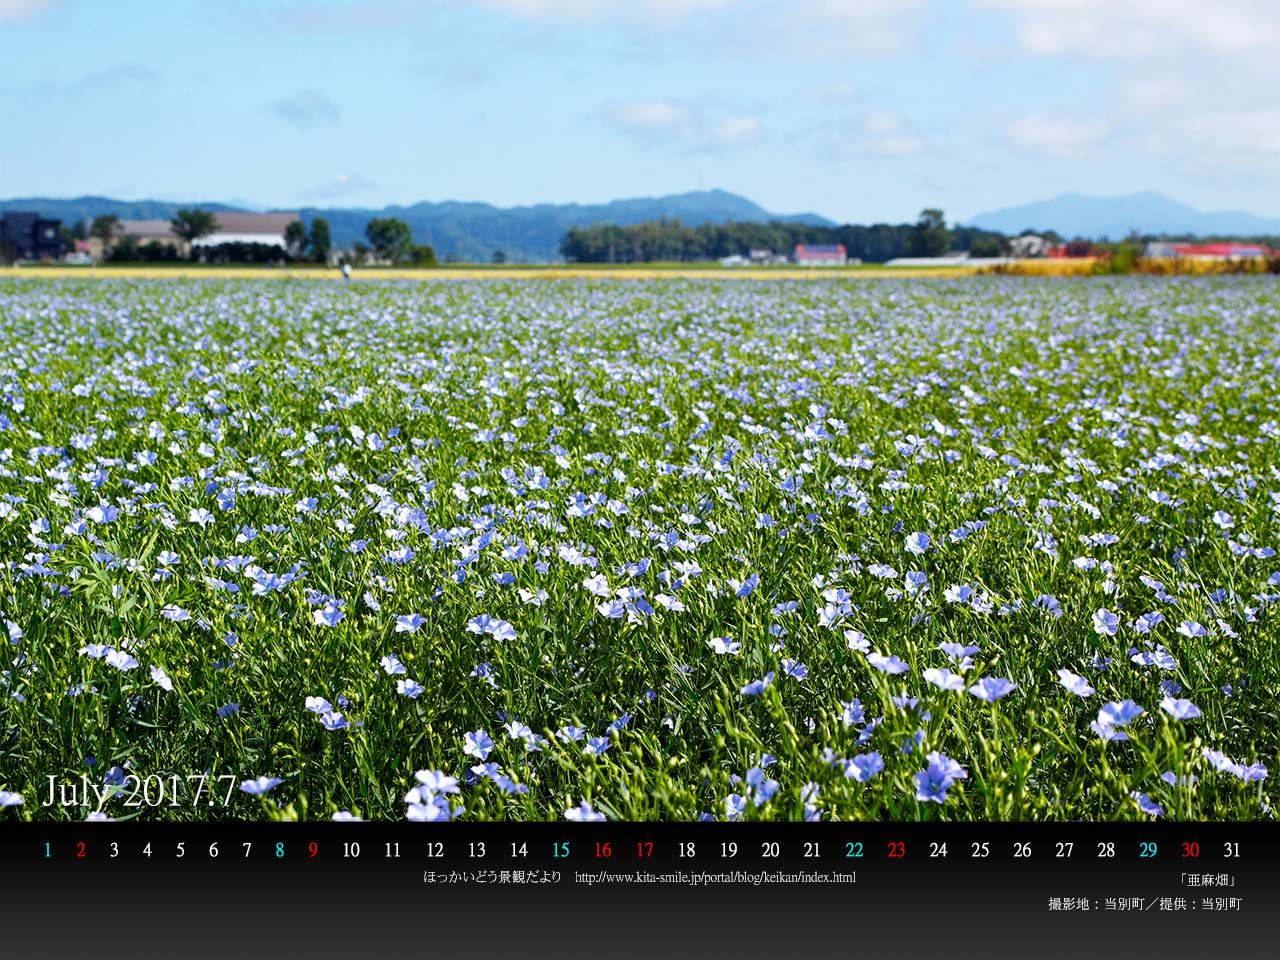 7月は当別町の亜麻畑 Pc壁紙カレンダーを配布しています 北海道庁のブログ 超 旬ほっかいどう 楽天ブログ